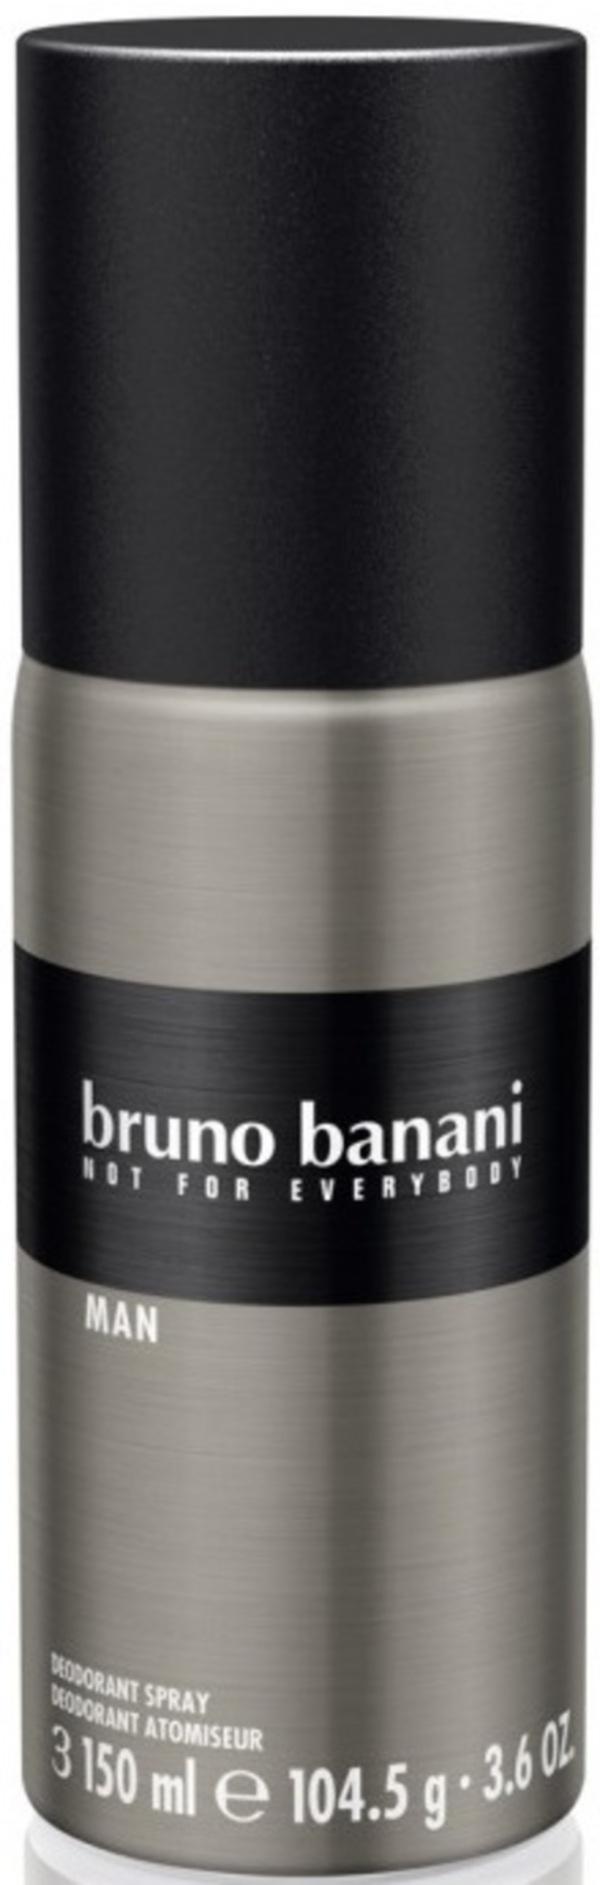 Bruno Banani Man Deospray 150 ml